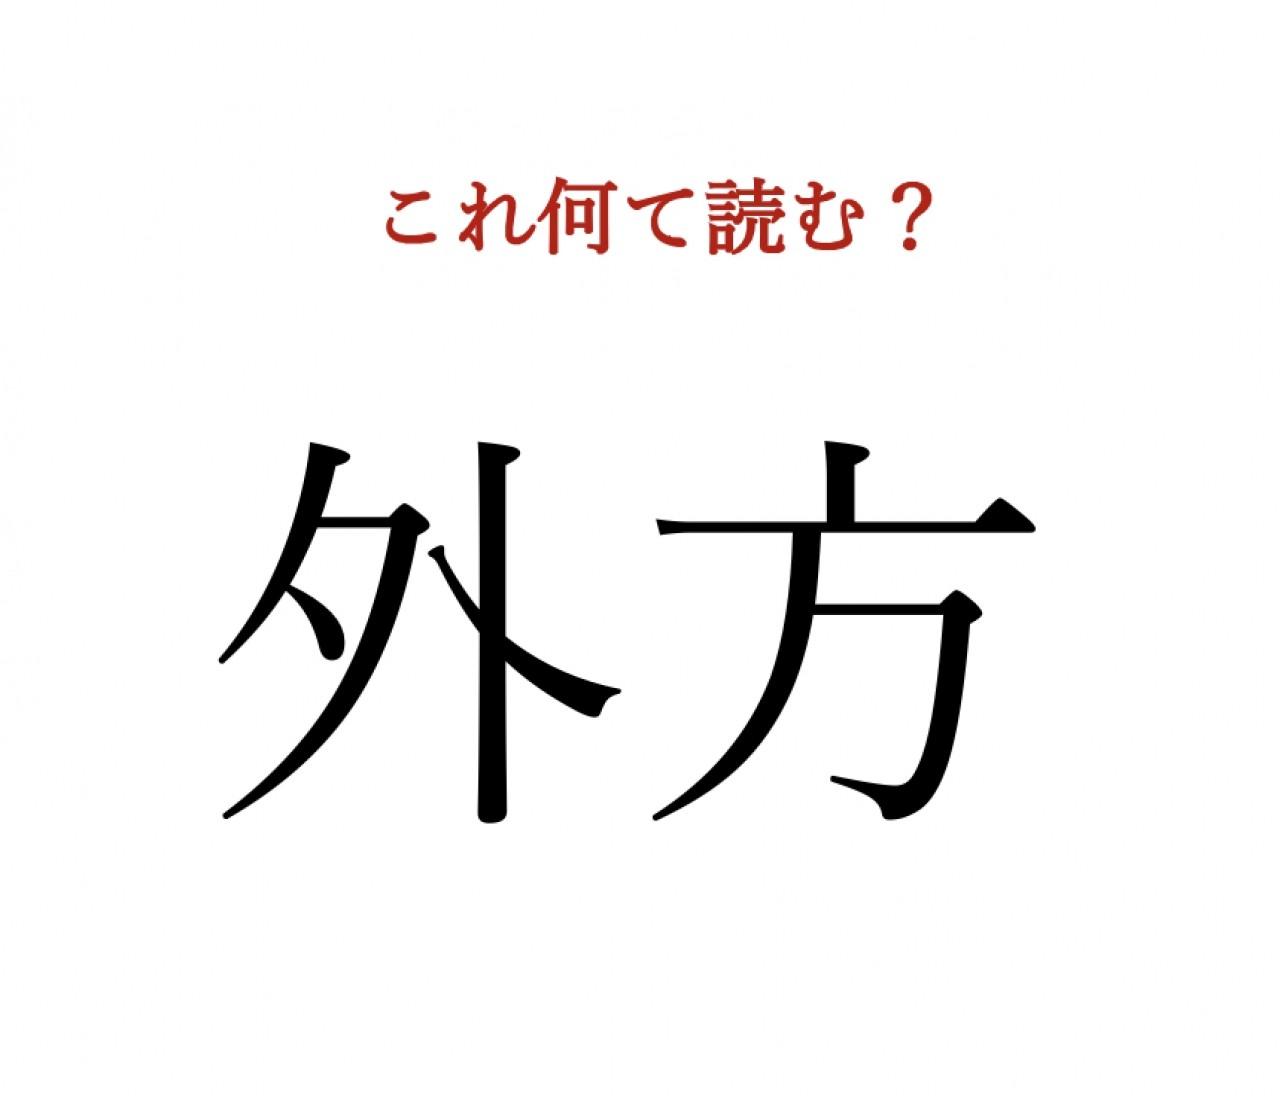 「外方」:この漢字、自信を持って読めますか?【働く大人の漢字クイズvol.10】